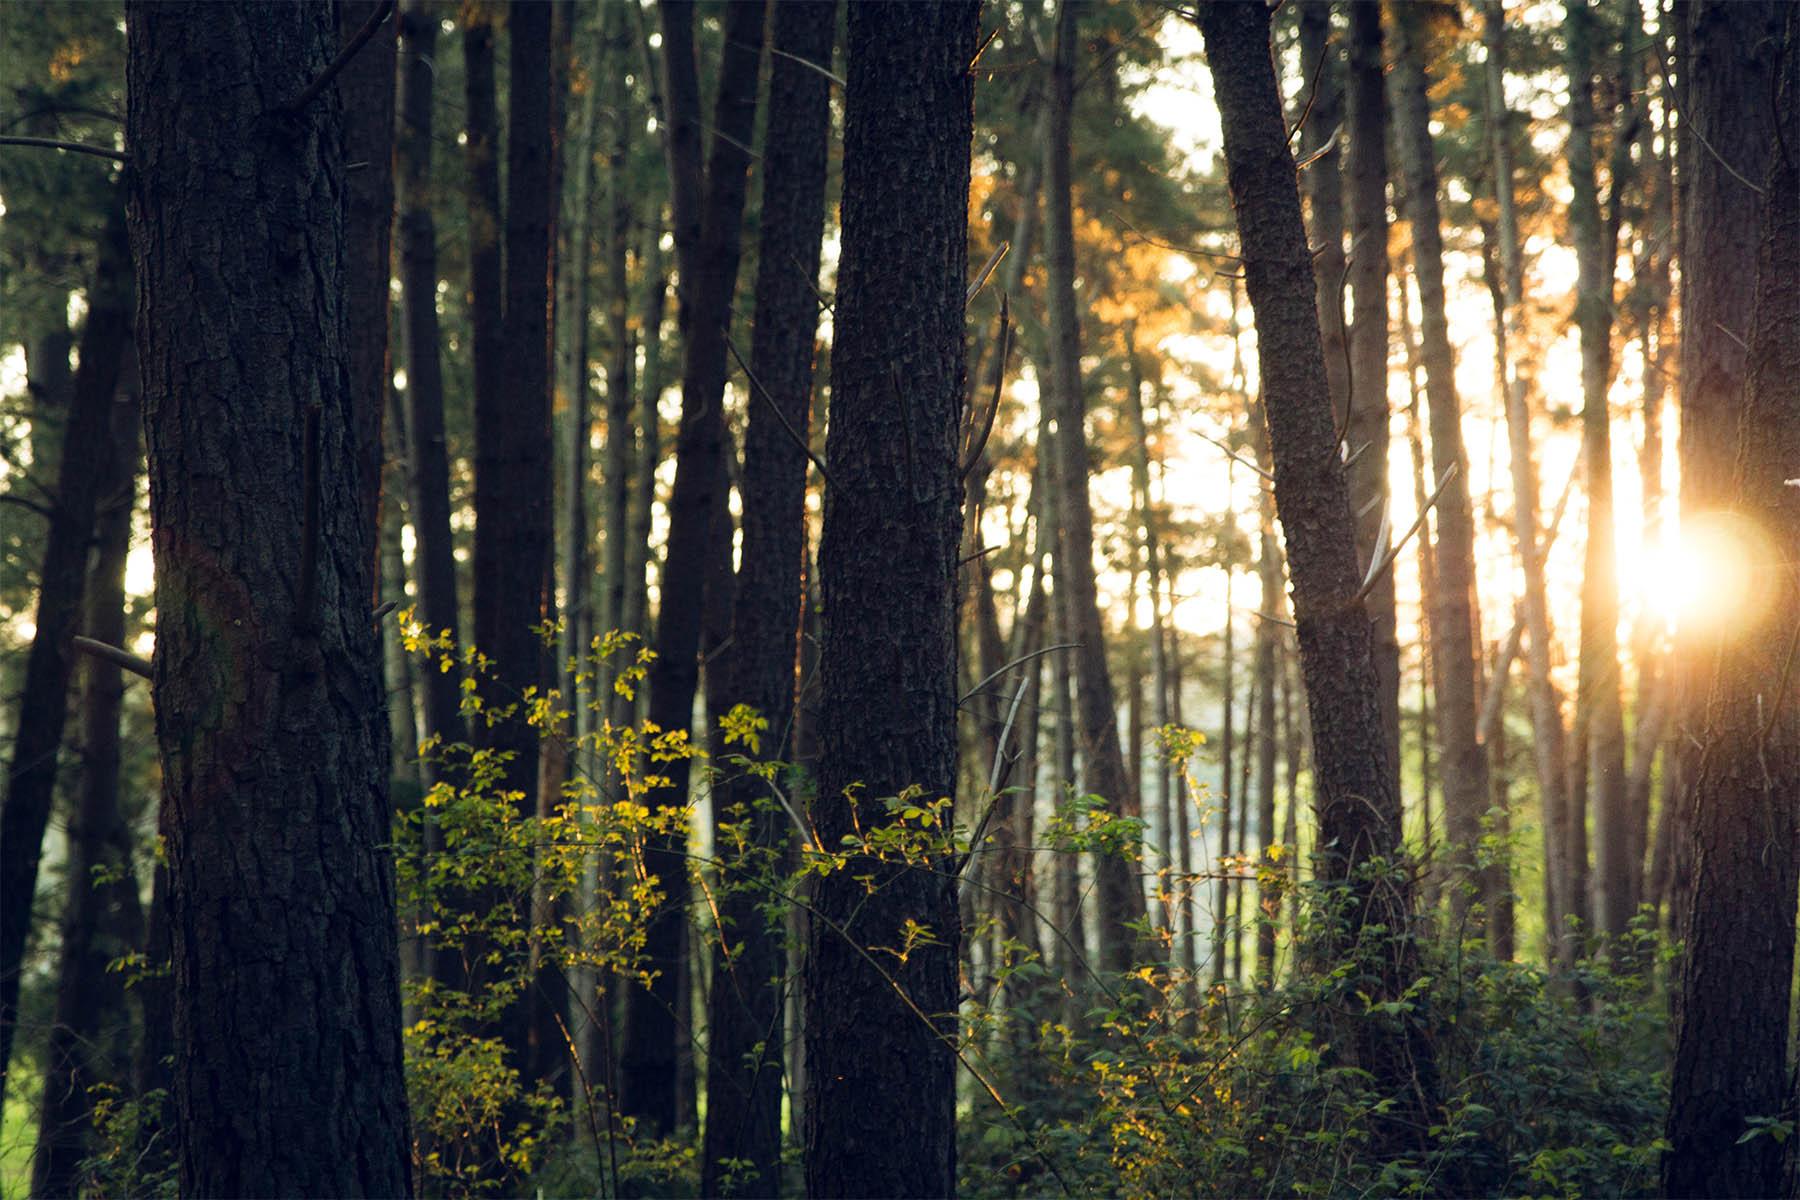 Prosilva tar över hanteringen av certifierade skogsägare